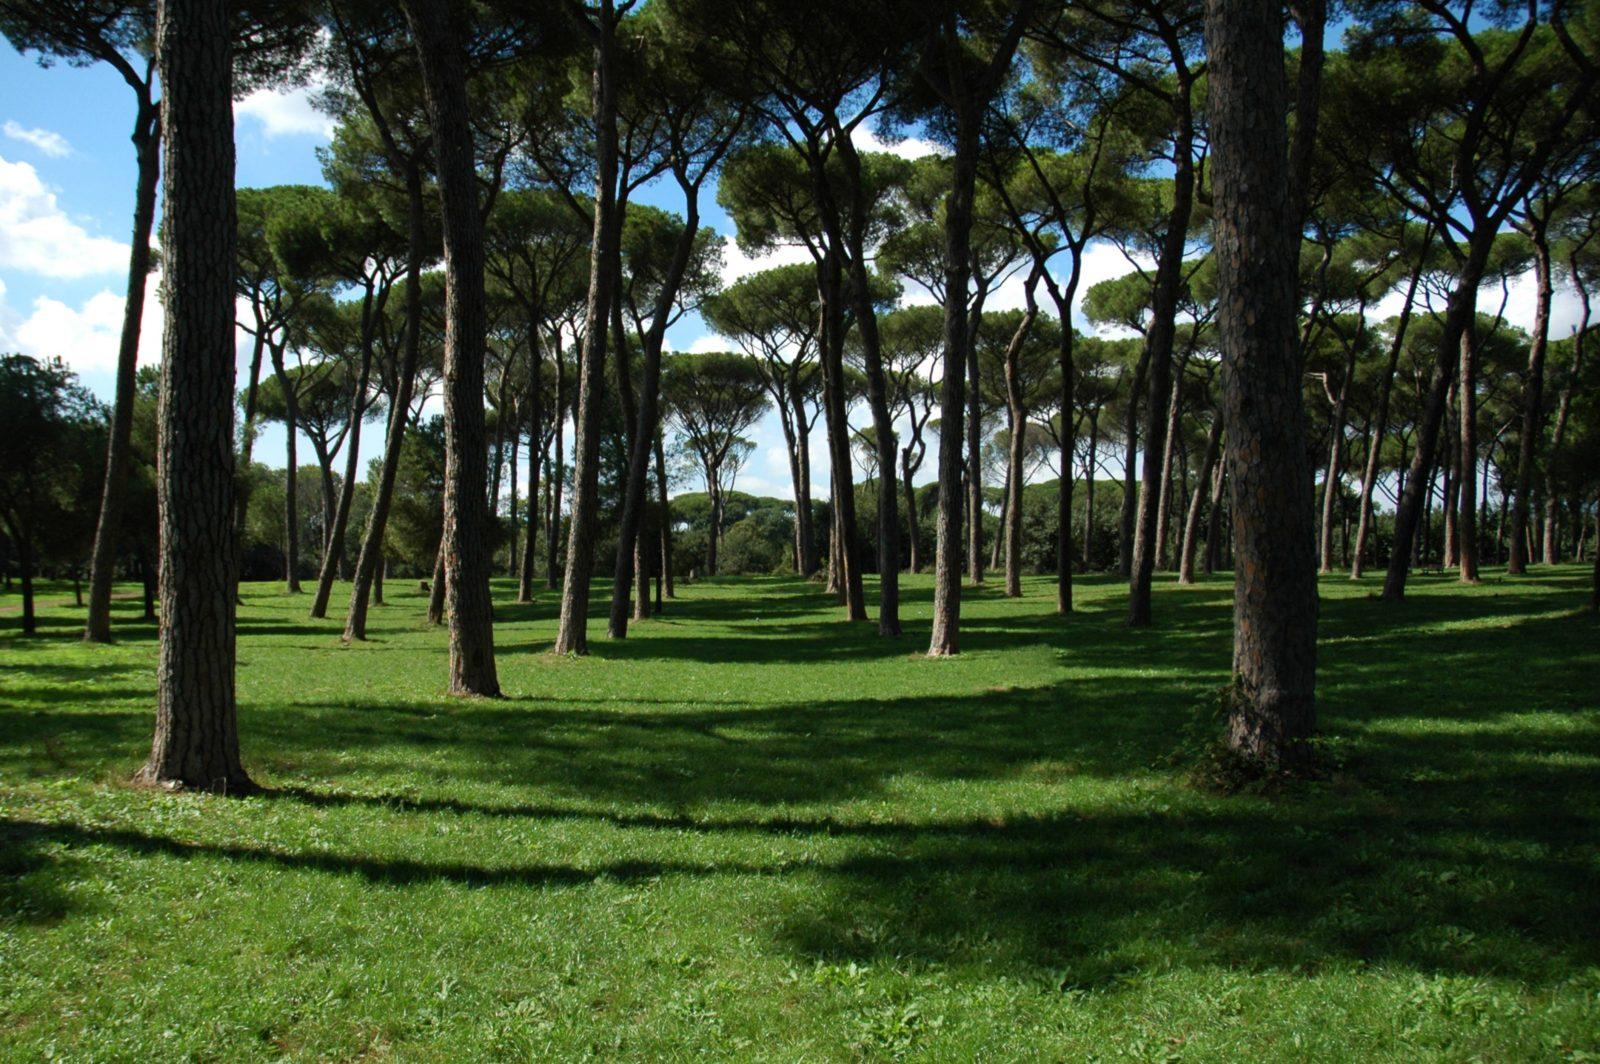 Roman park trees landscape